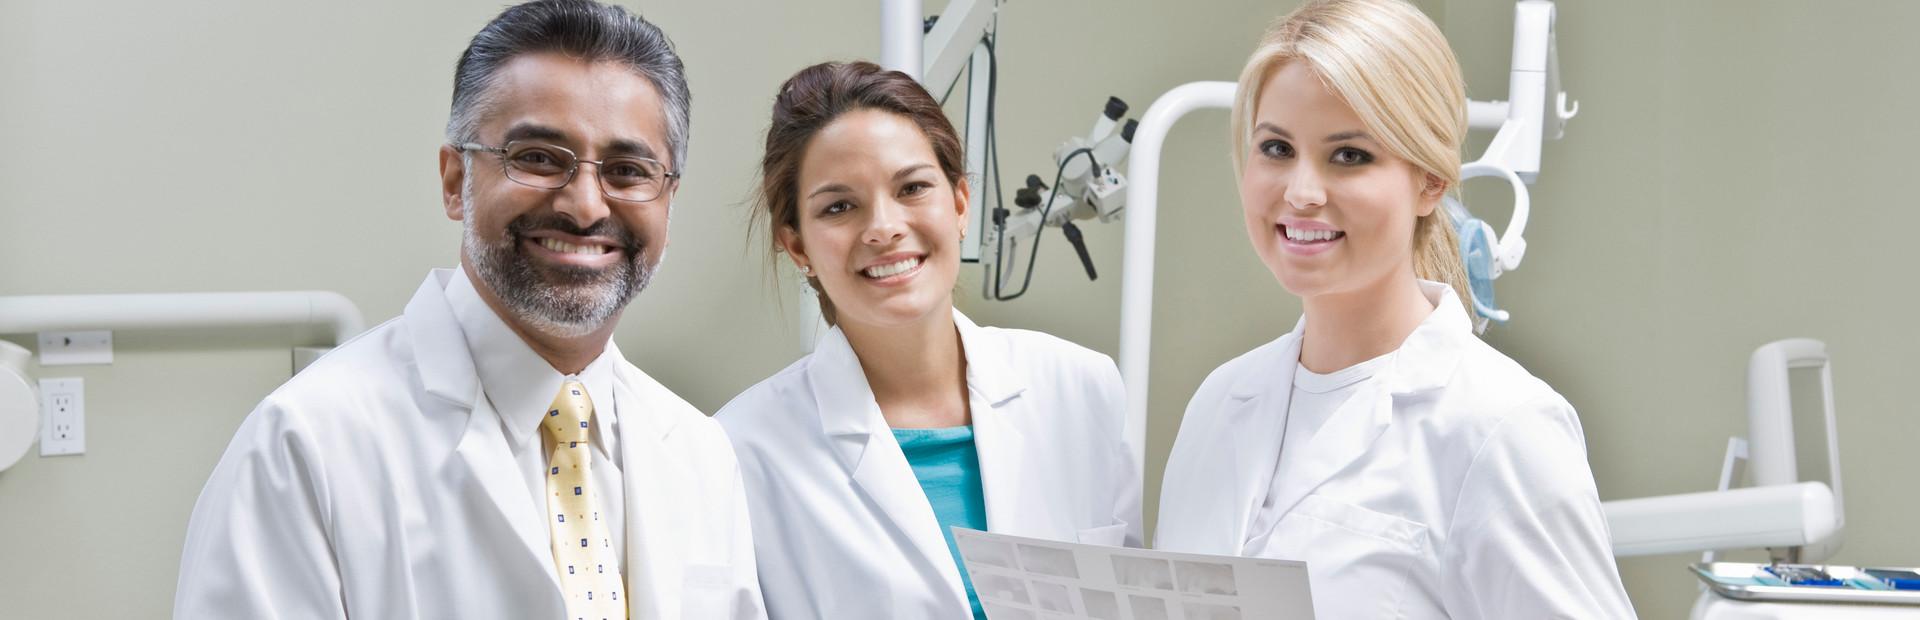 Dentists smiling together